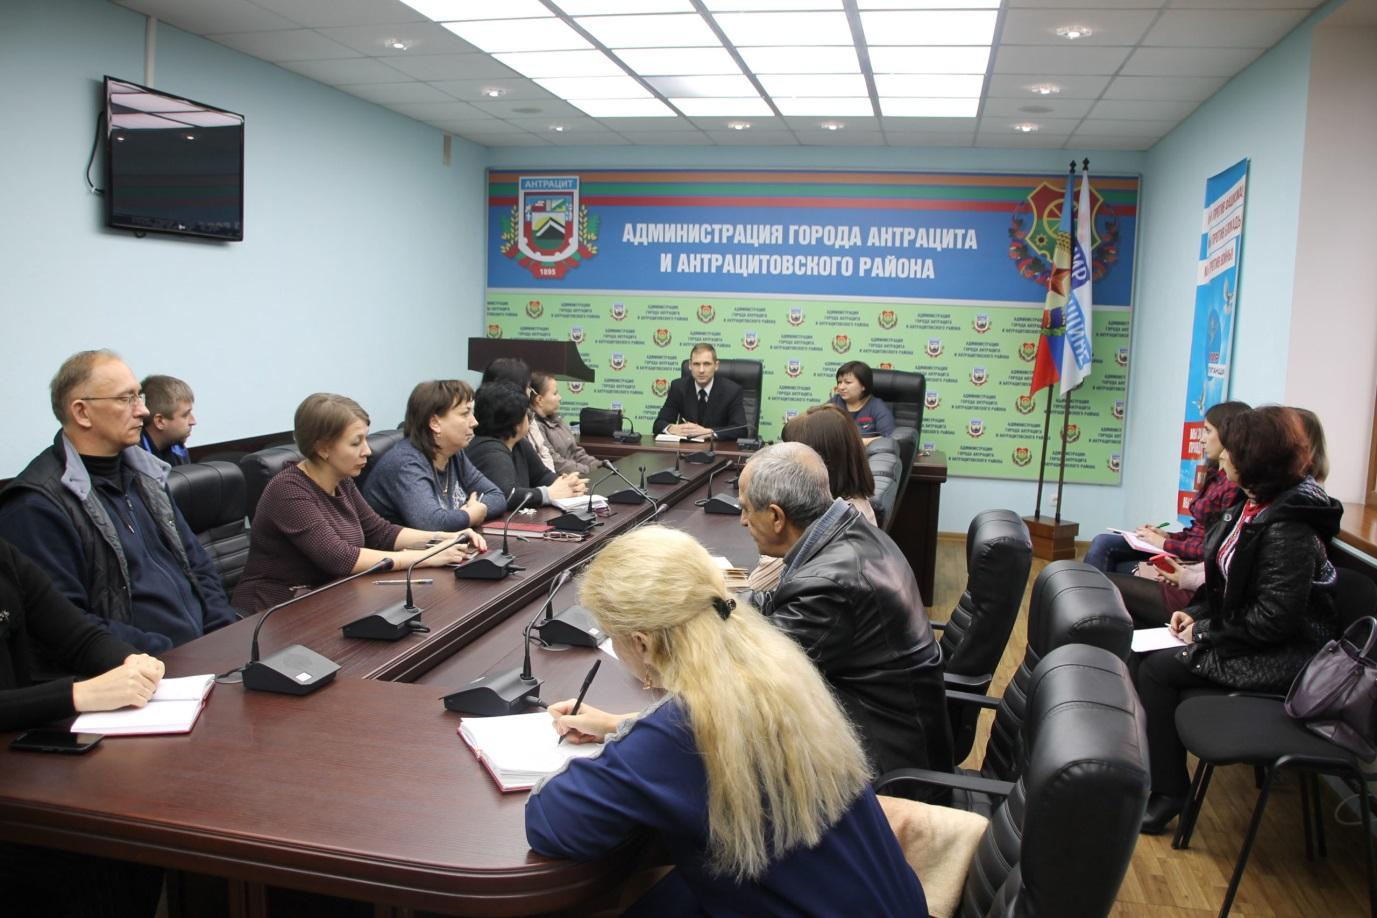 Дмитрий Кукарский встретился с жителями Антрацита 1